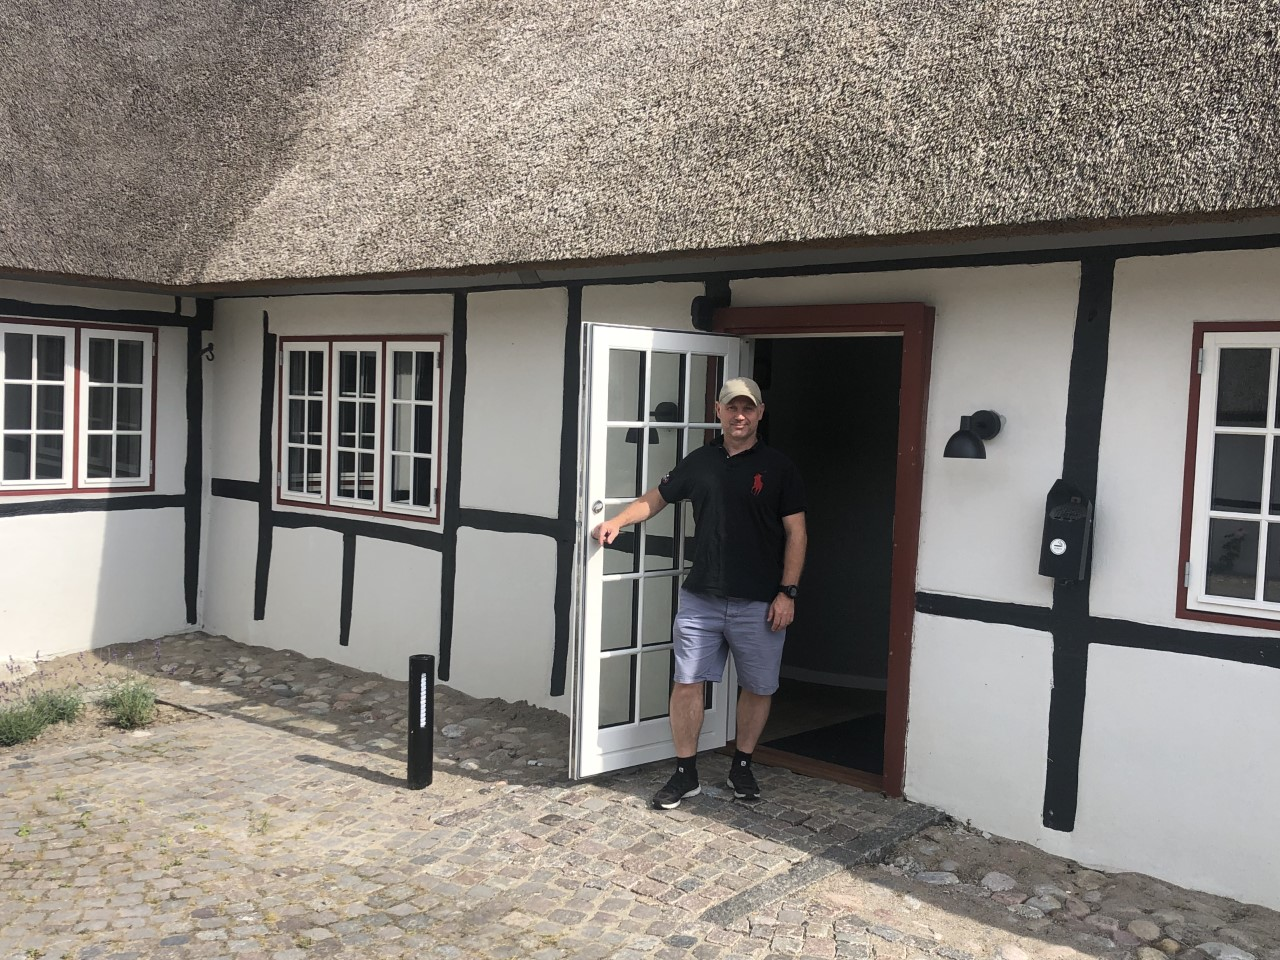 Anders Vang ved Hotel Nørrevang ved Marielyst på Falster, som et af de firmaer, han er medejer af, overtog forpagtningen af fra denne måned. Derudover er han også medejer af TR Rejser, der blandt andet har Thinggaard Rejser. Privatfoto.